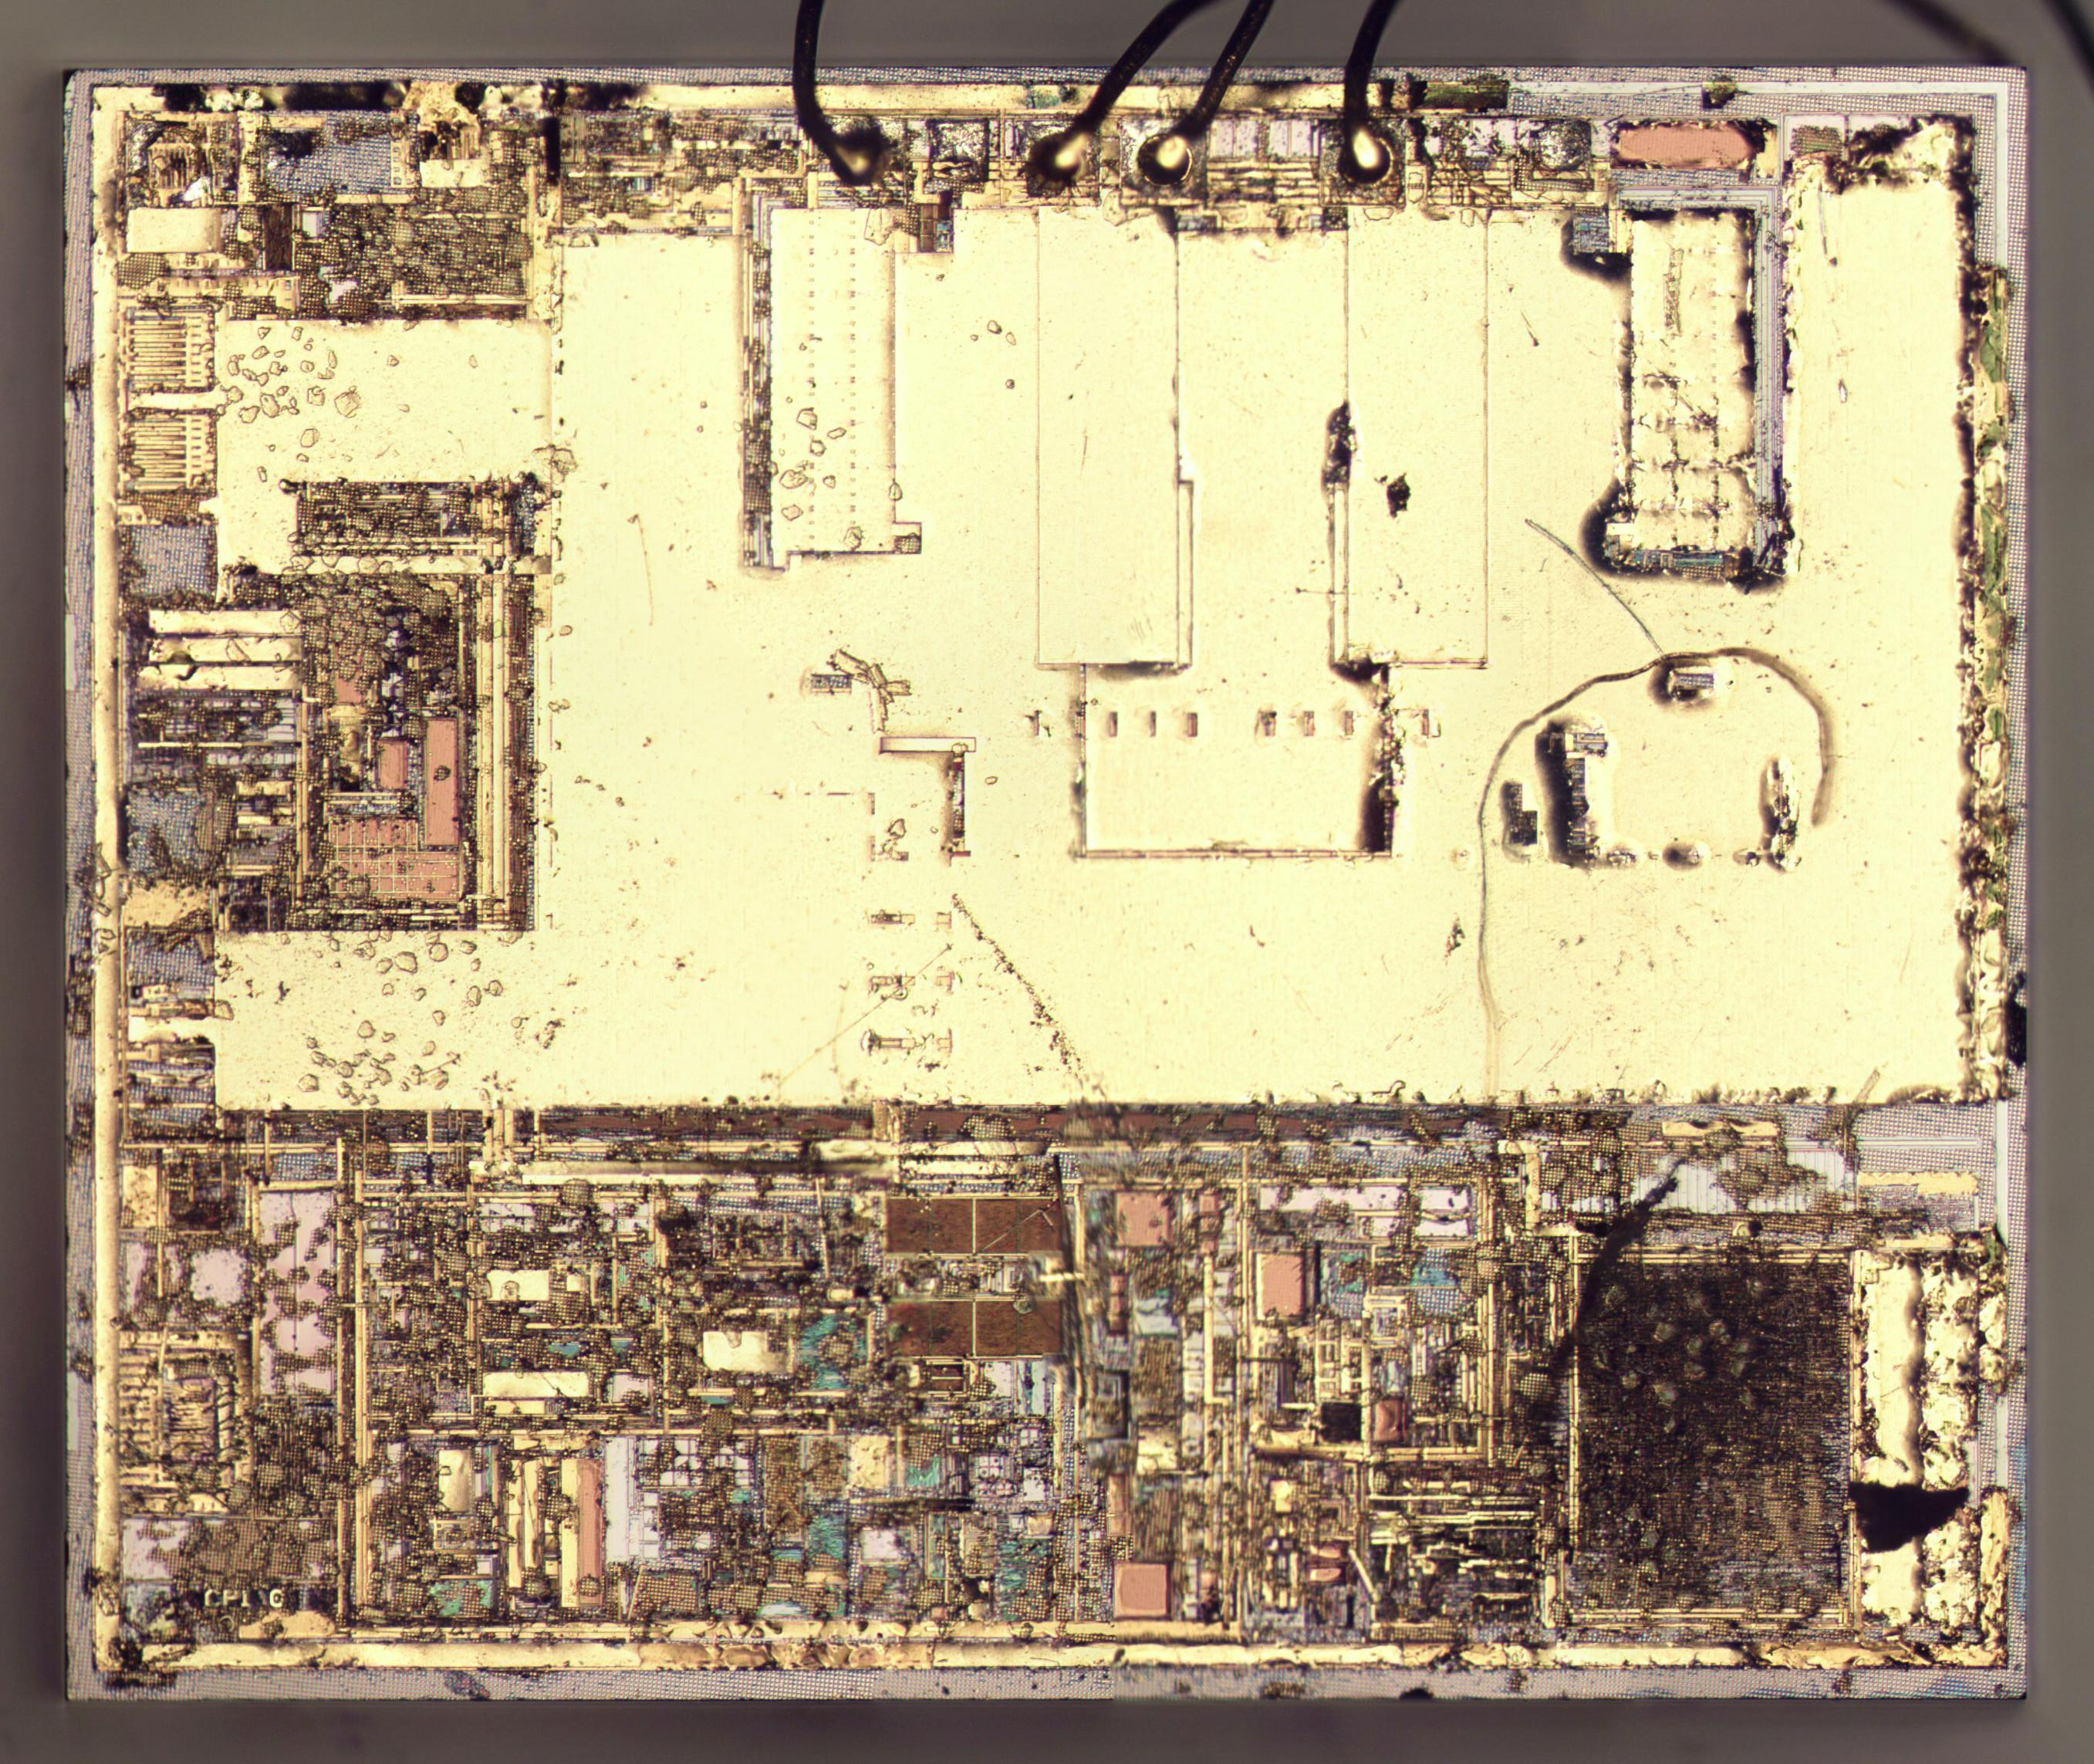 Вскрываем чип гальванической развязки с крохотным трансформатором внутри - 16